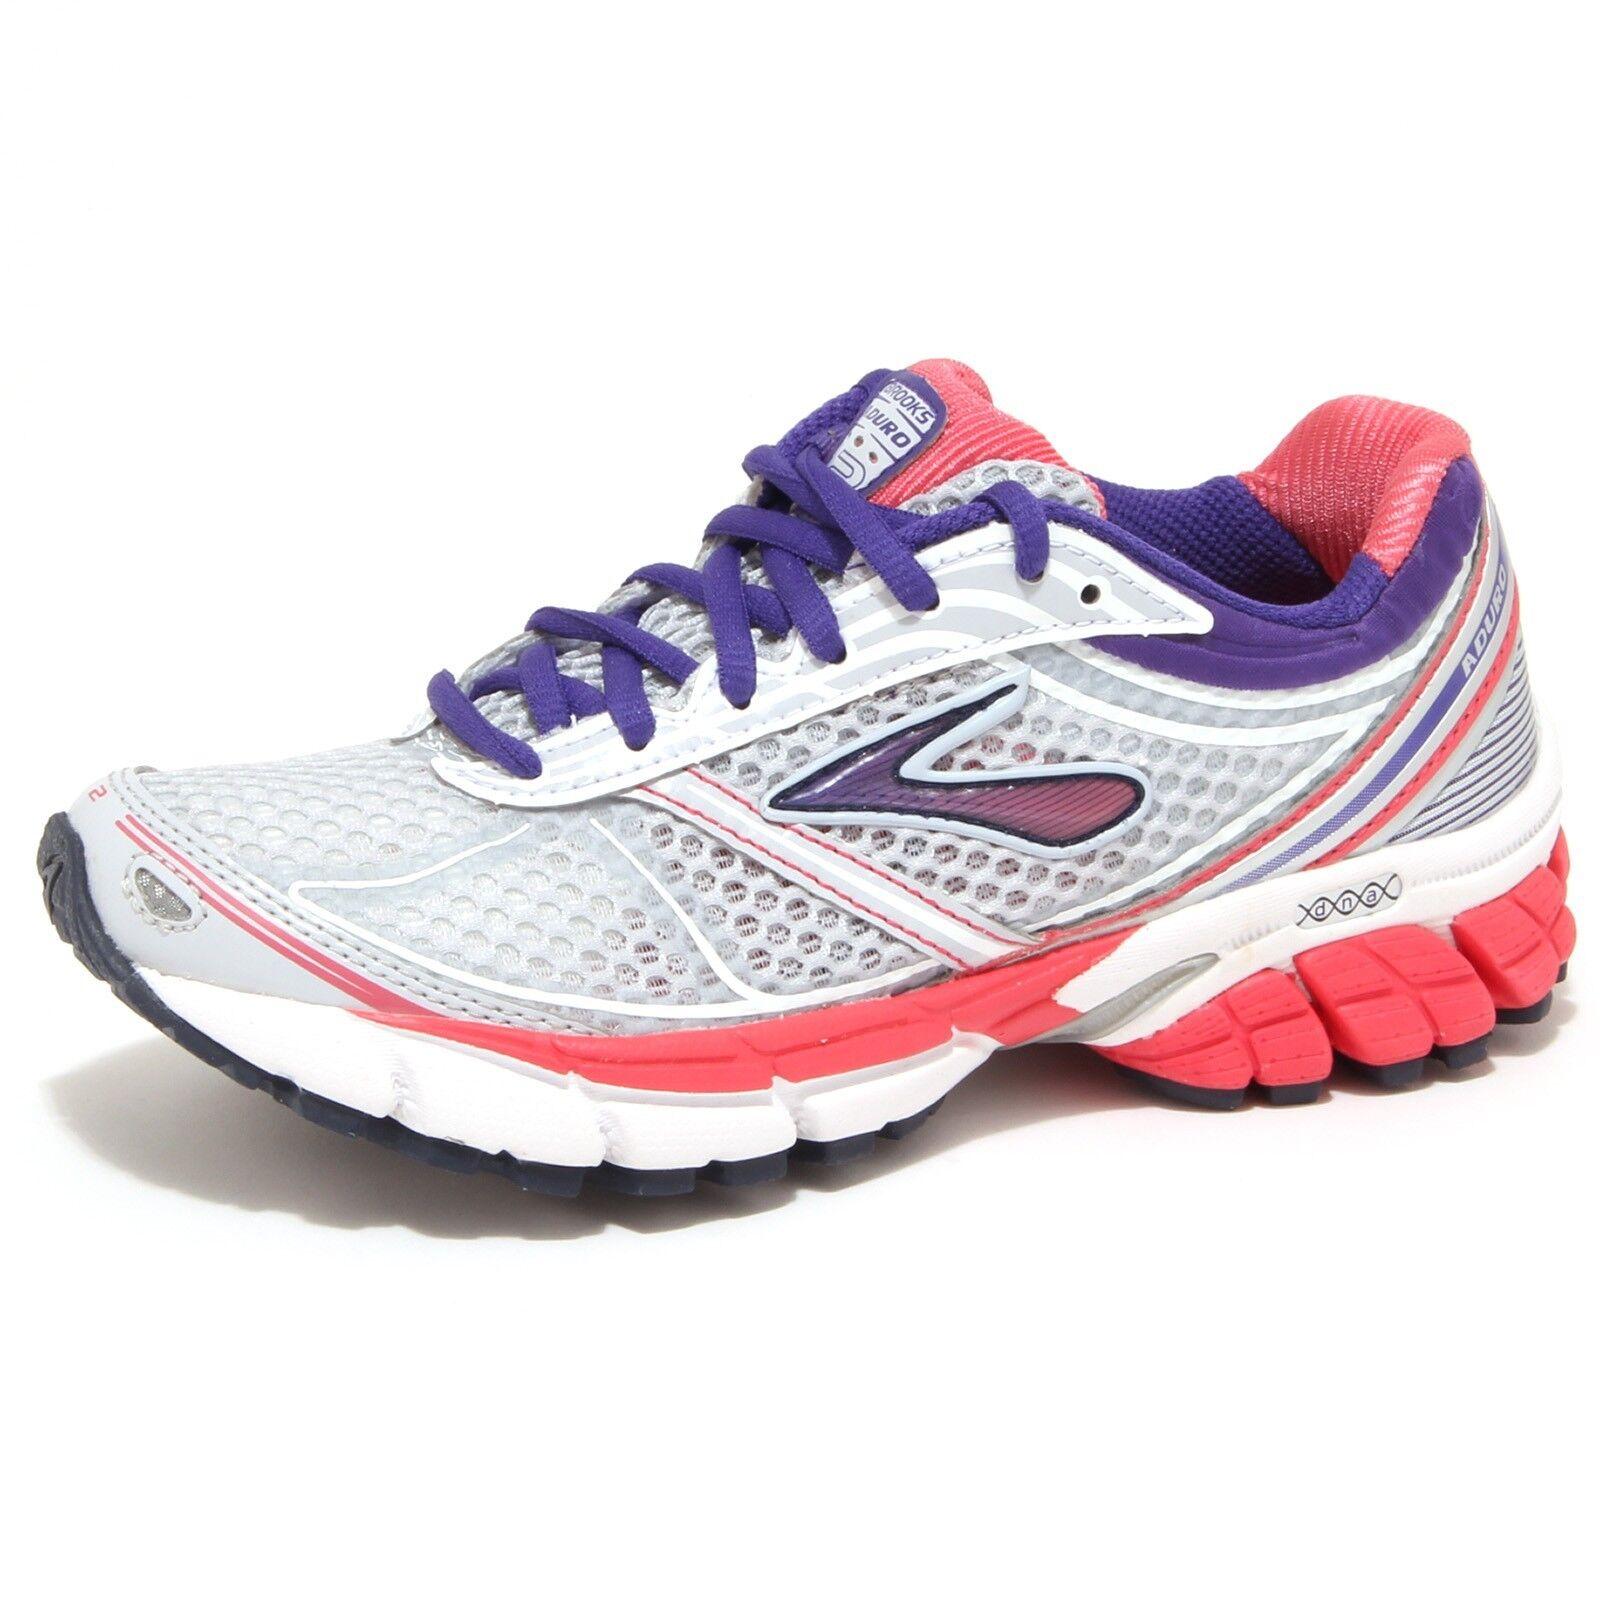 Zapatos promocionales para hombres y mujeres 8973O sneaker BROOKS ADURO 2 grigio chiaro scarpa donna shoe woman